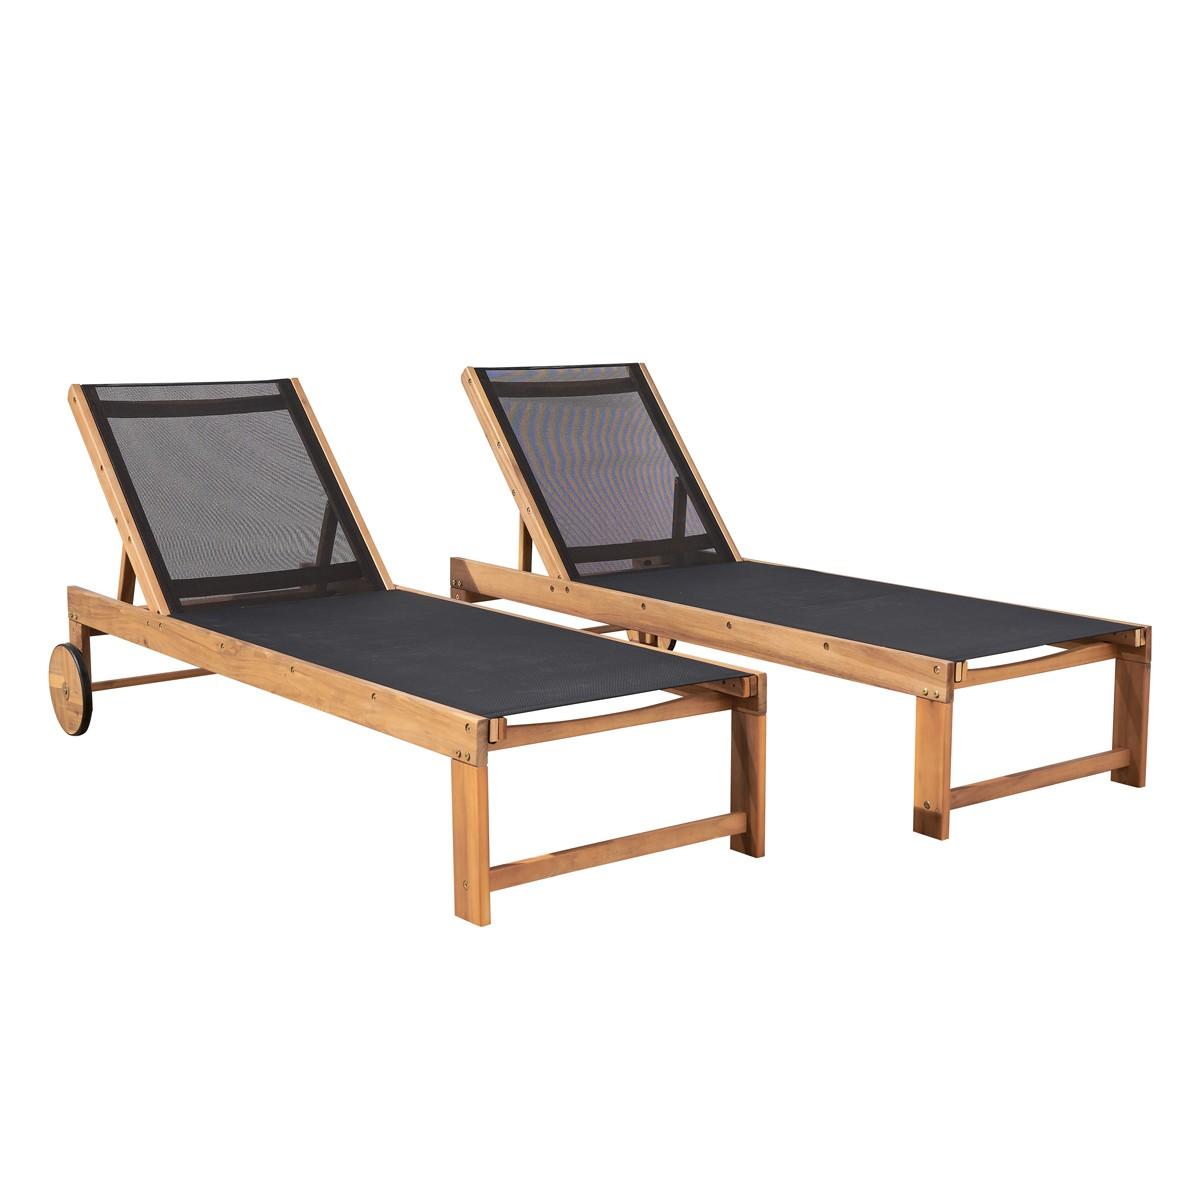 2 bains de soleil en acacia et textilène noir